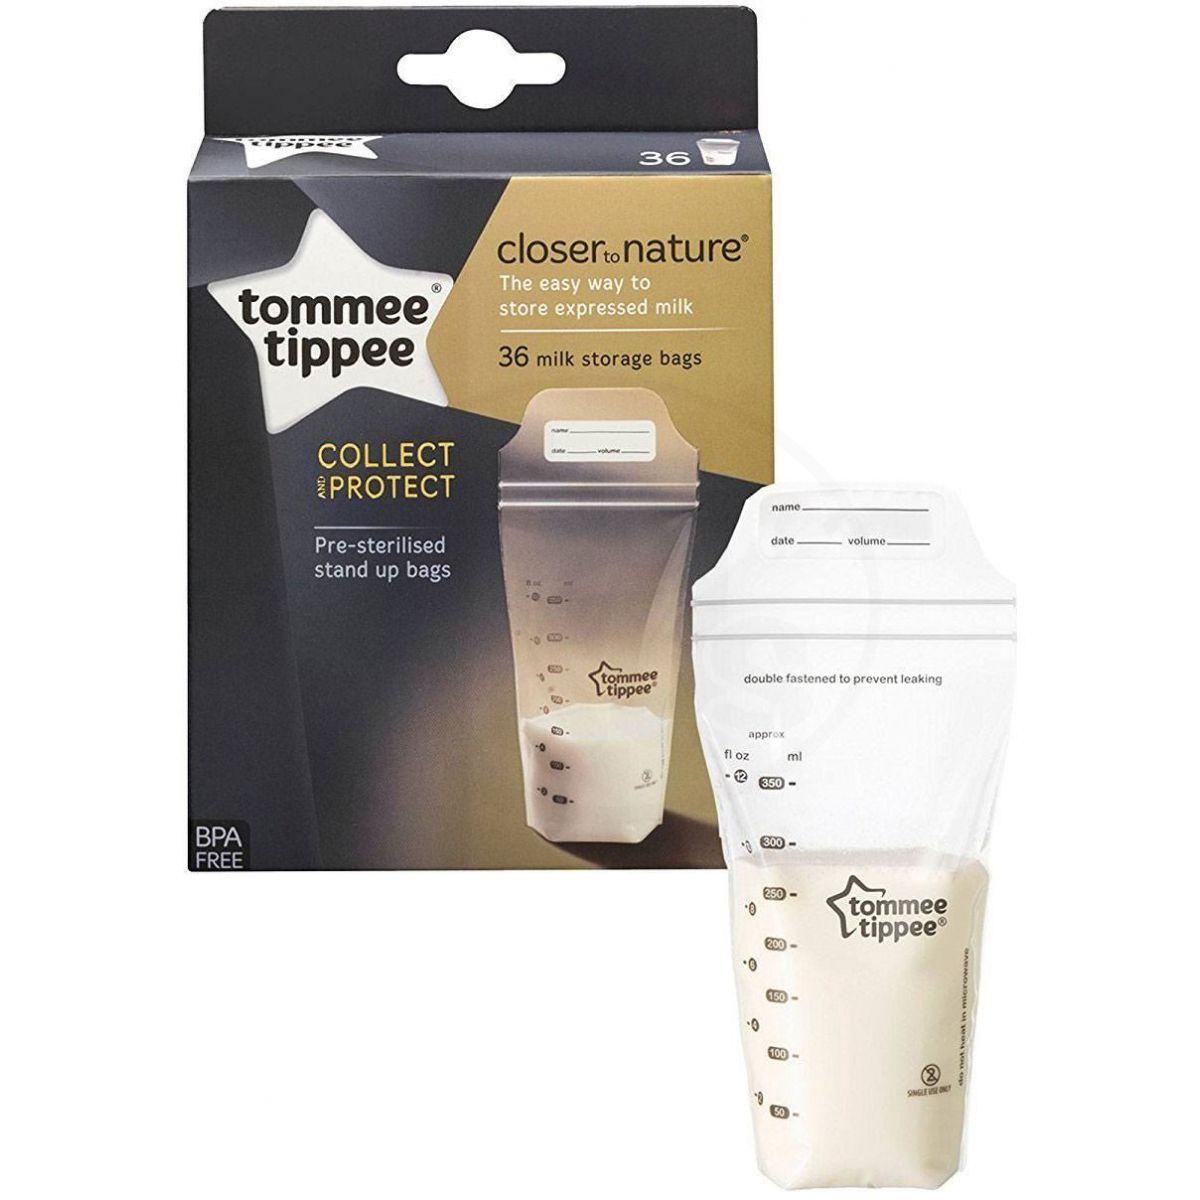 Maišeliai pienui laikyti TOMMEE TIPPEE, 36 vnt. (423022TT)